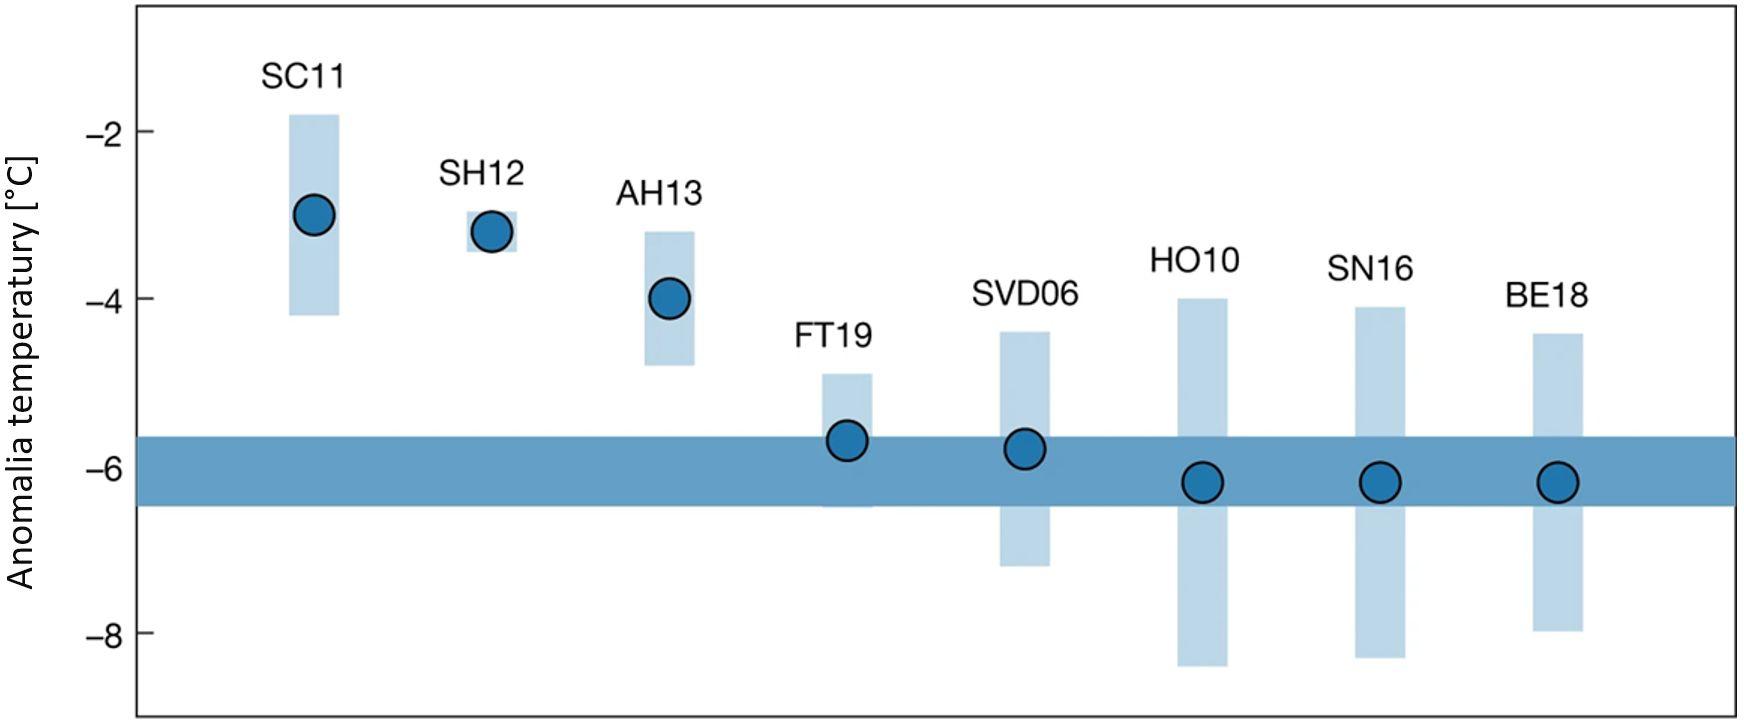 Wykres: różnica między temperaturą w maksimum epoki lodowej a tą z epoki przedprzemysłowej, różne rekonstrukcje, nowsze wskazują na wartość ook. -6 stopni.